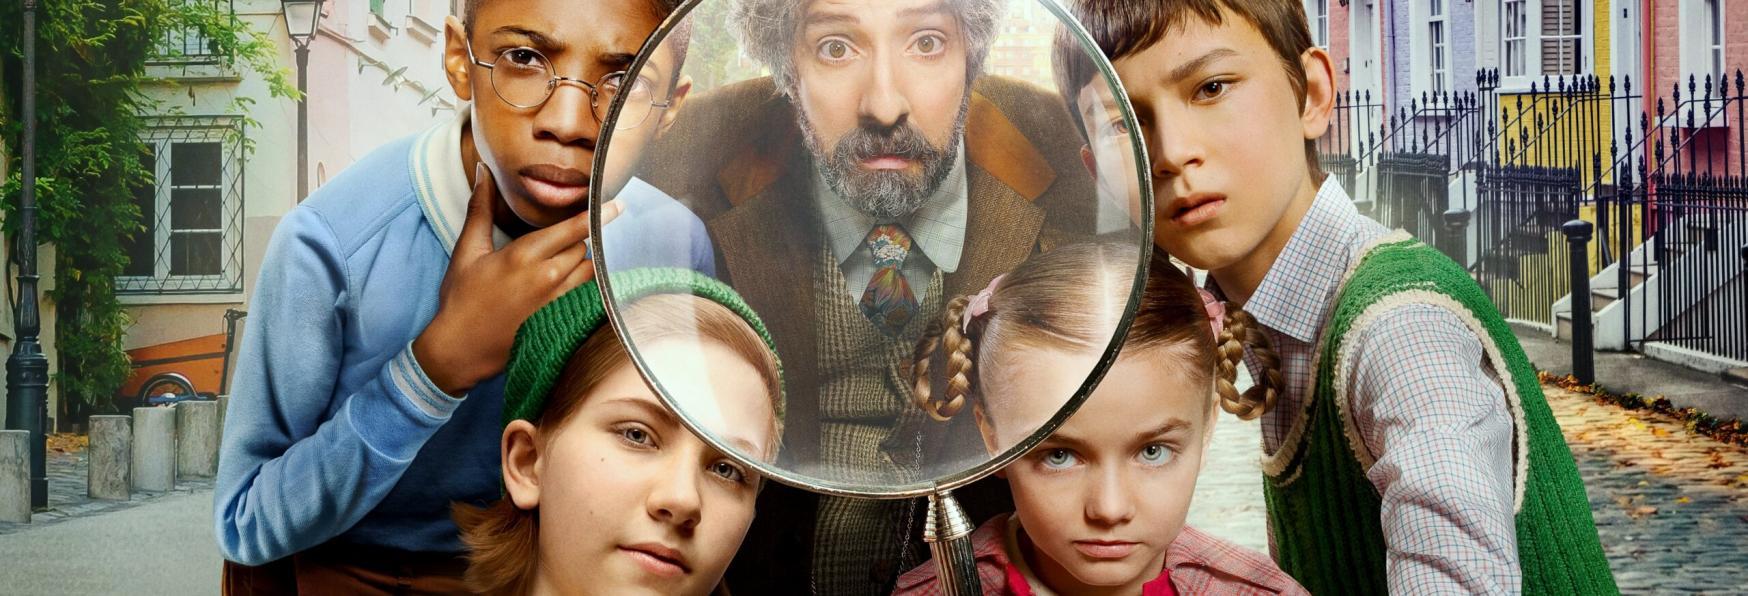 La Misteriosa Accademia dei Giovani Geni 2 ci sarà! Rinnovata la Serie TV targata Disney+